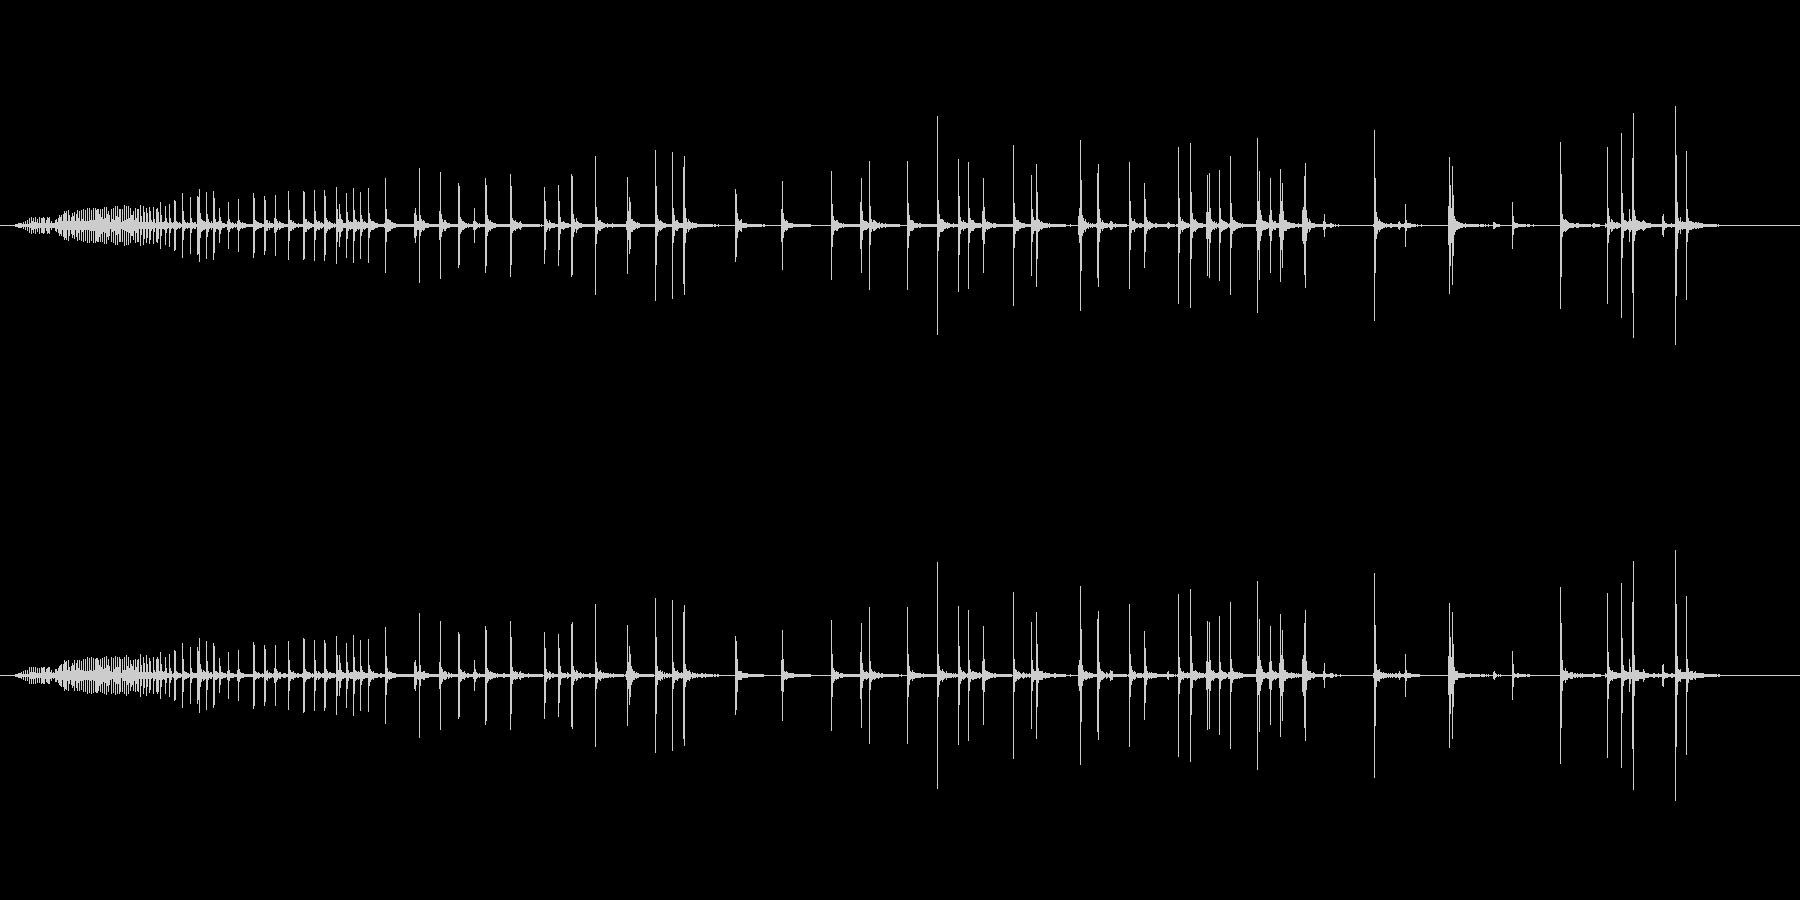 【生録音】軋む音 ギーー 2の未再生の波形